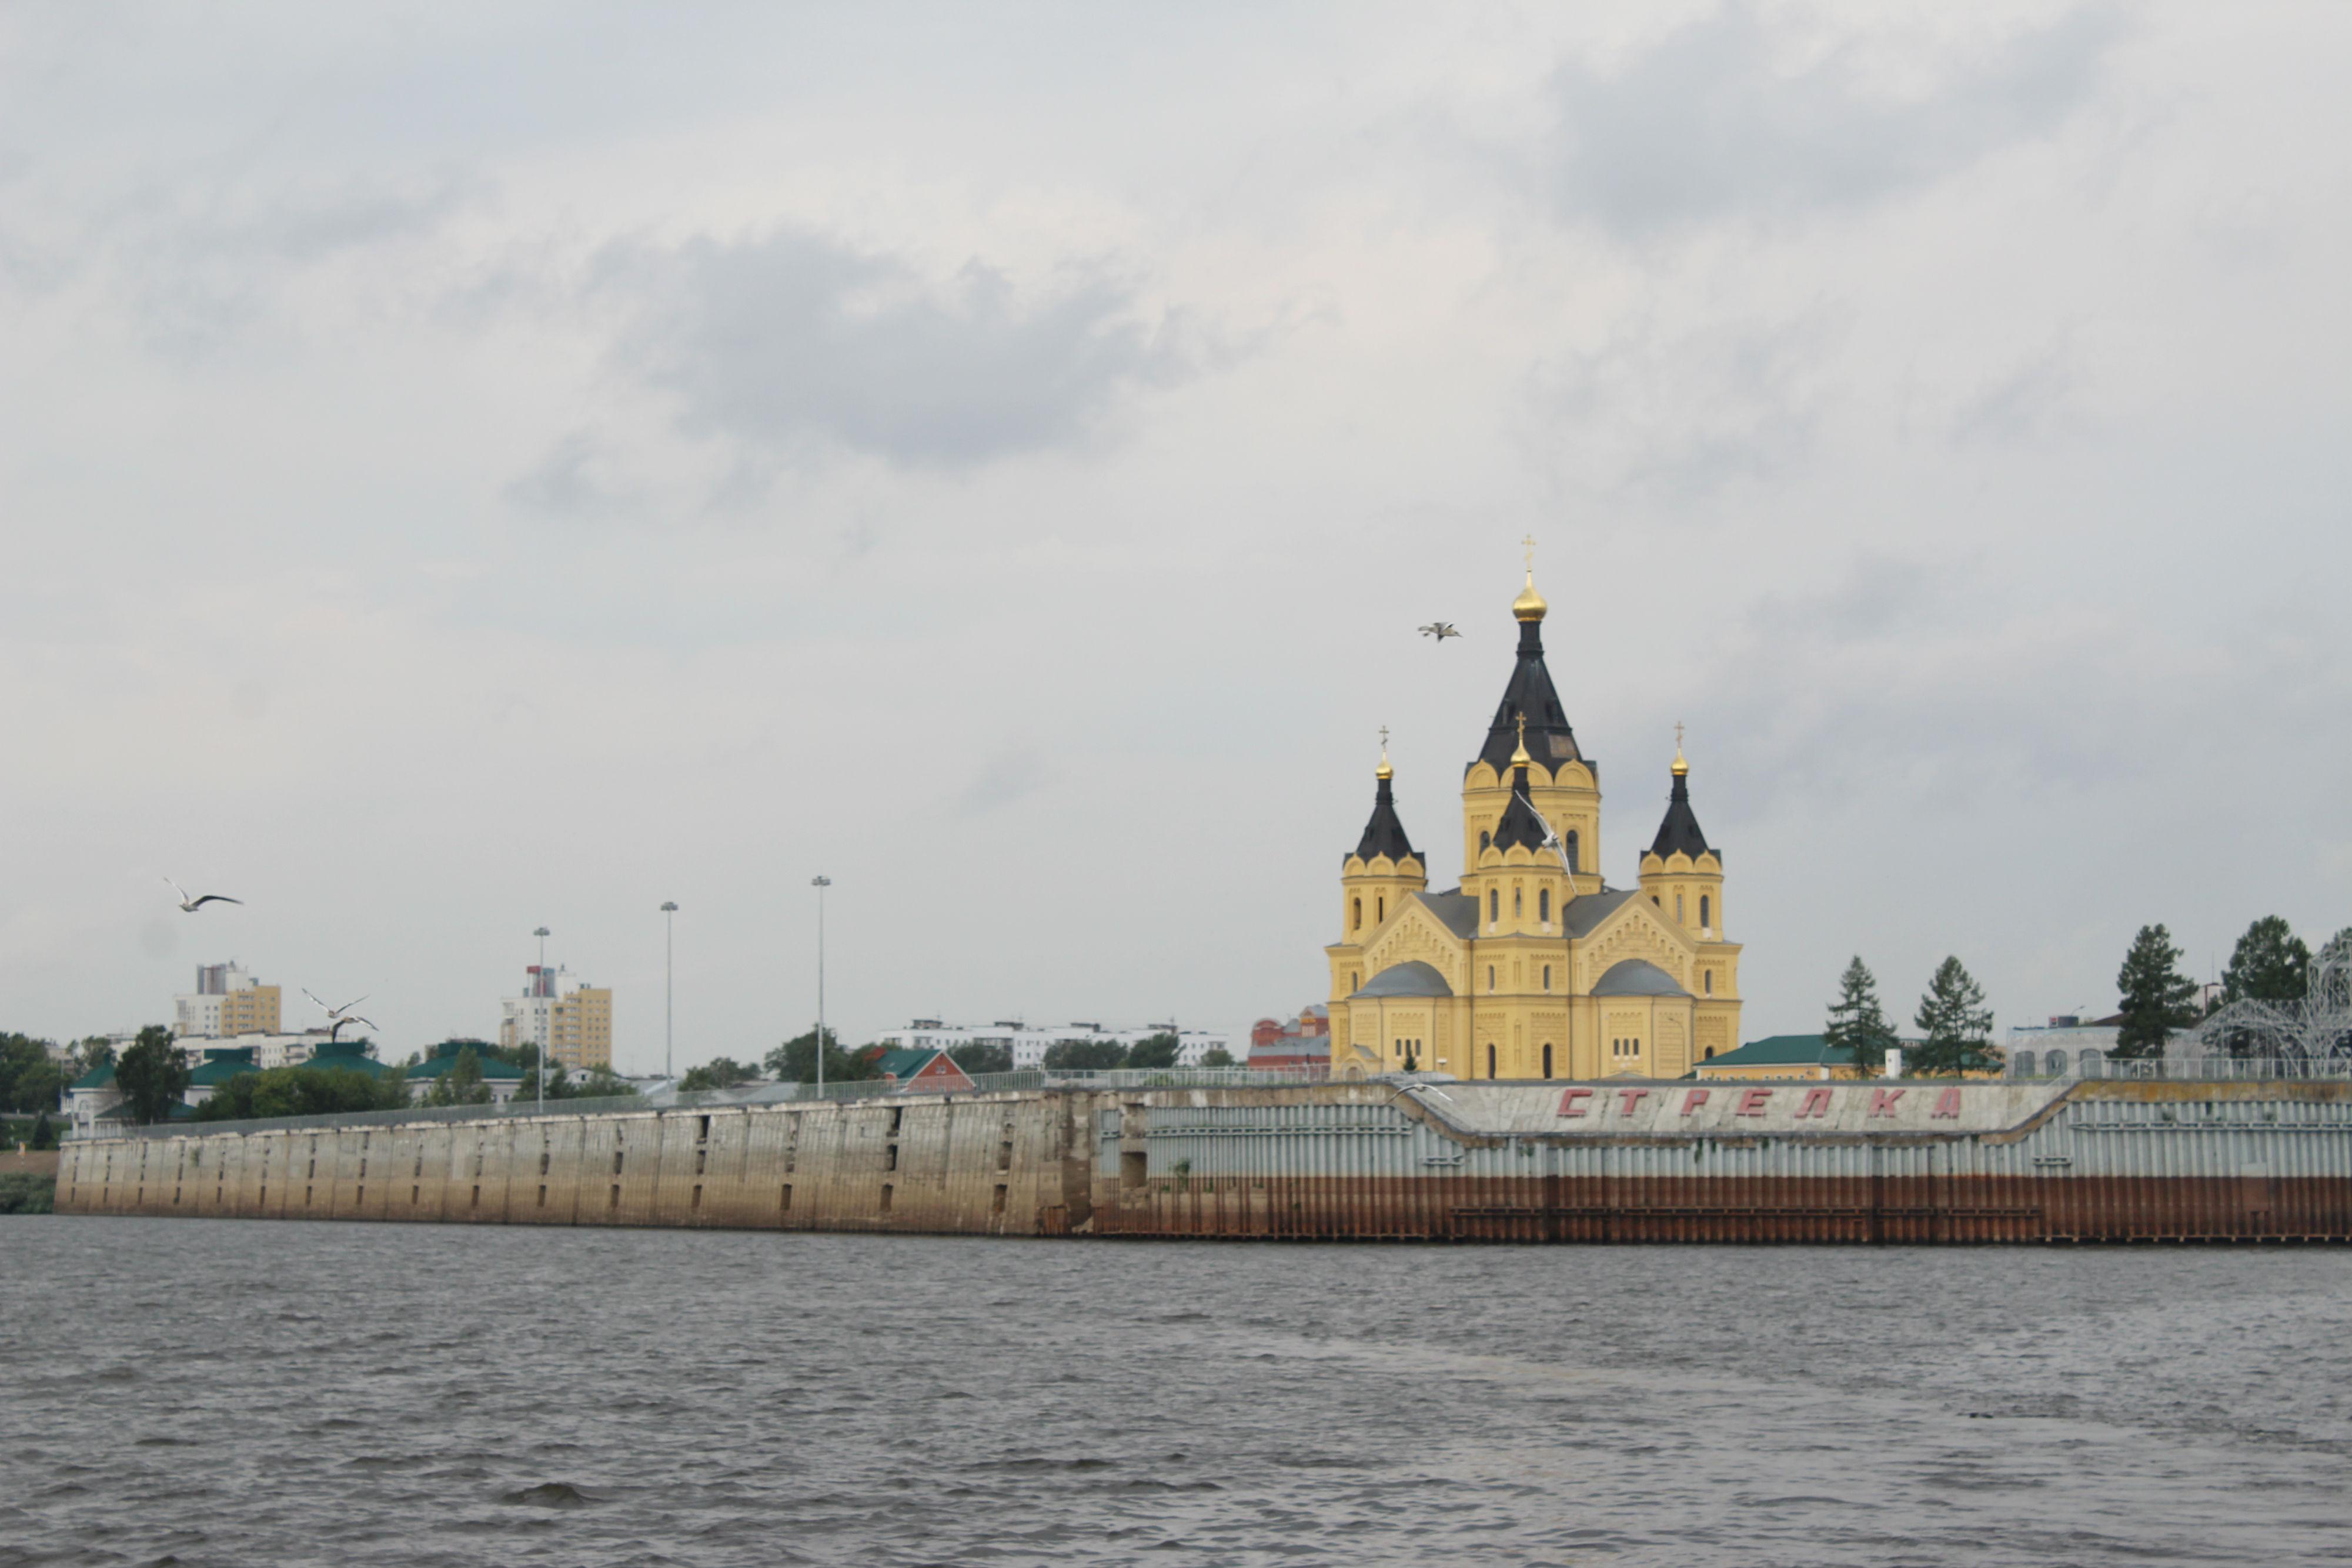 Нижегородцев и гостей города приглашают посетить фестиваль огня «Жарко» на Стрелке